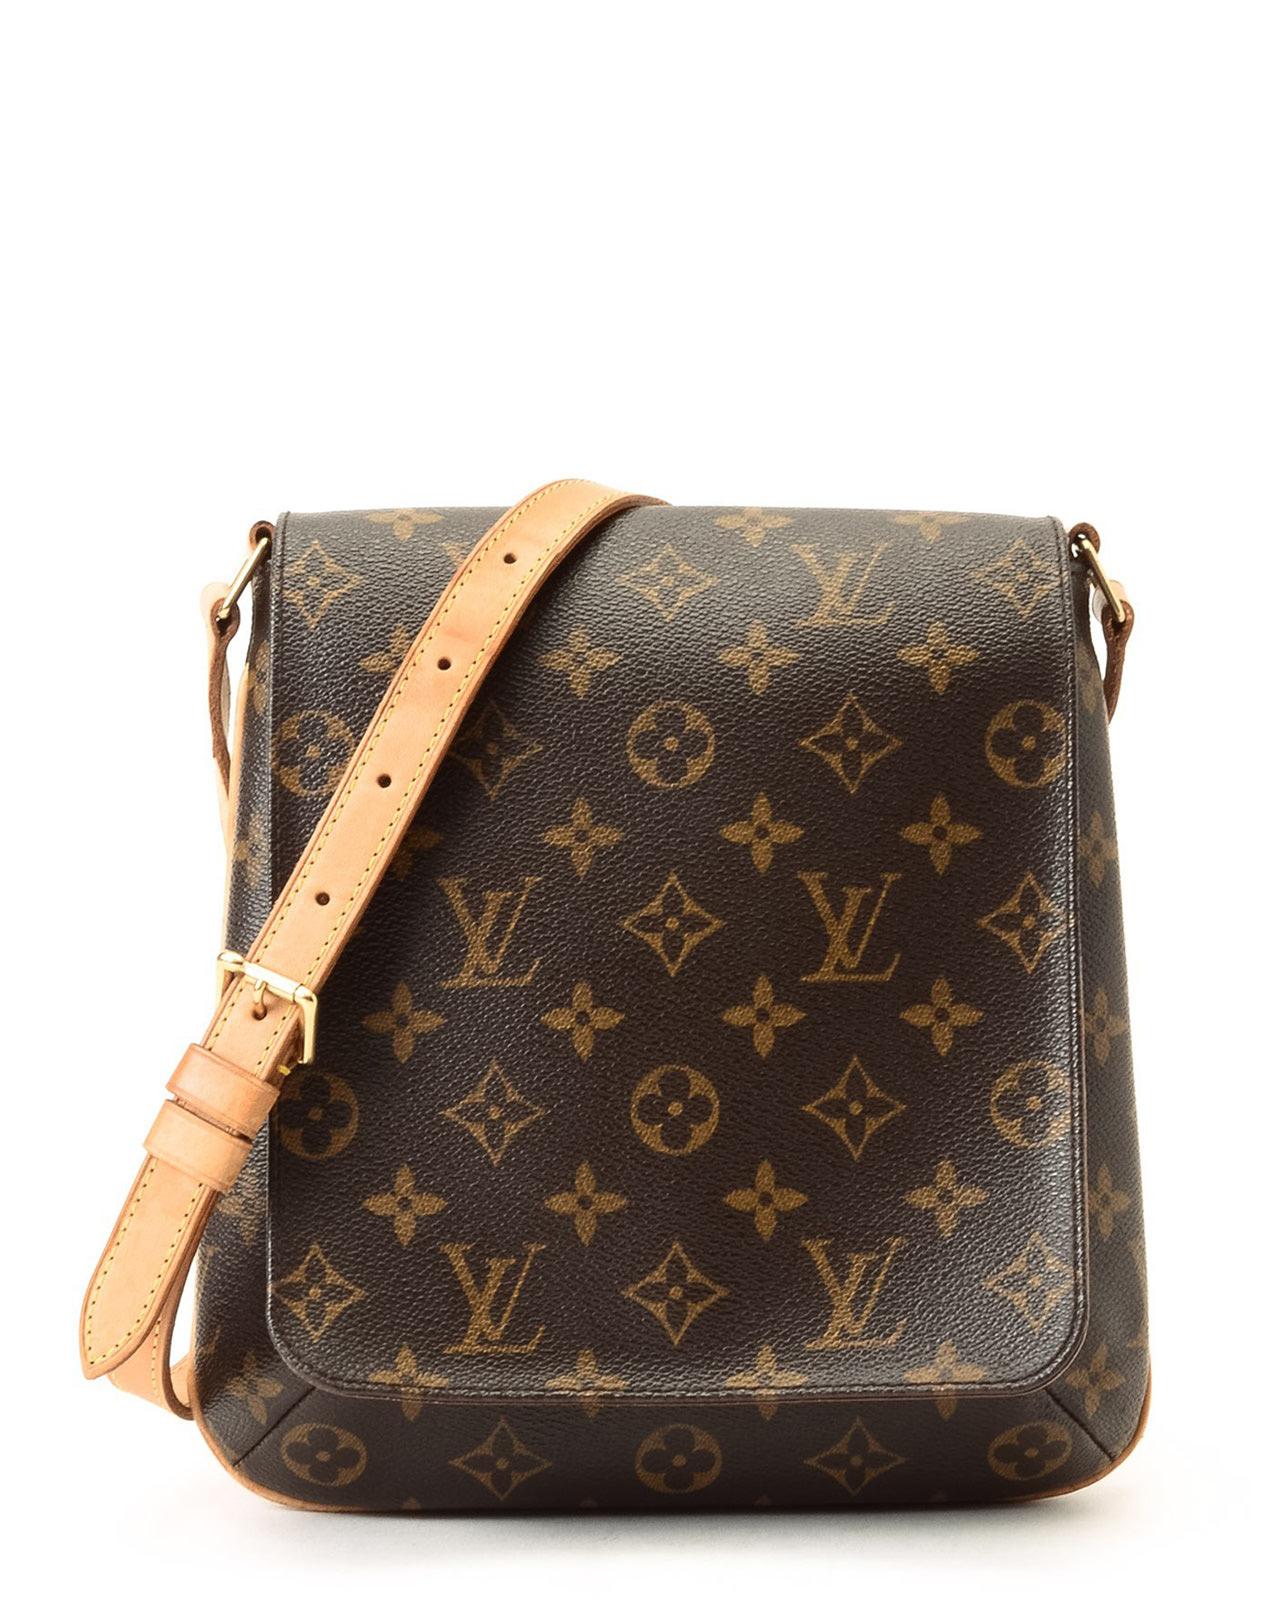 Lyst - Louis Vuitton Musette Salsa Long Strap Shoulder Bag in Brown 0d943ea64859f